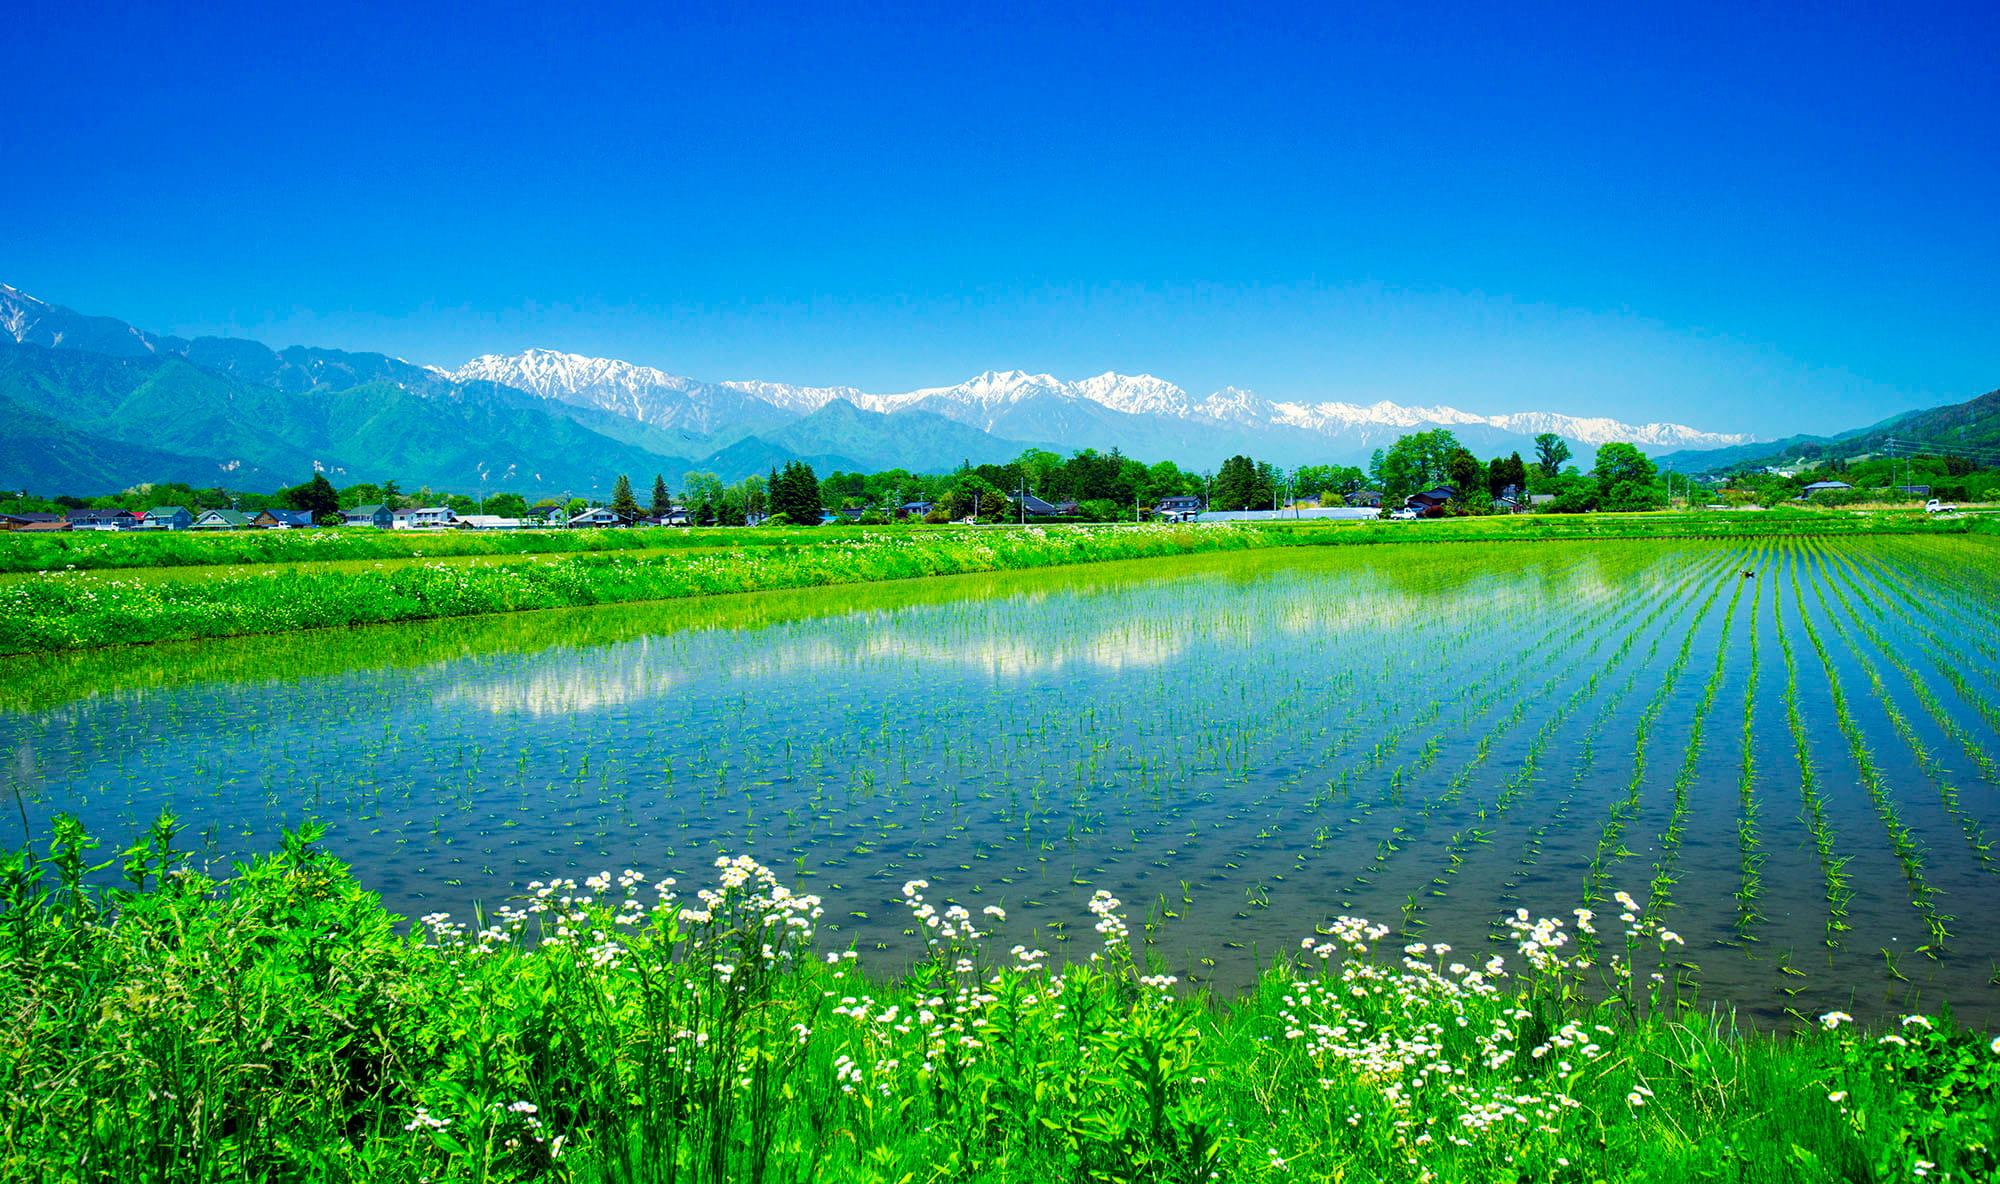 春を告げる風景「雪形」